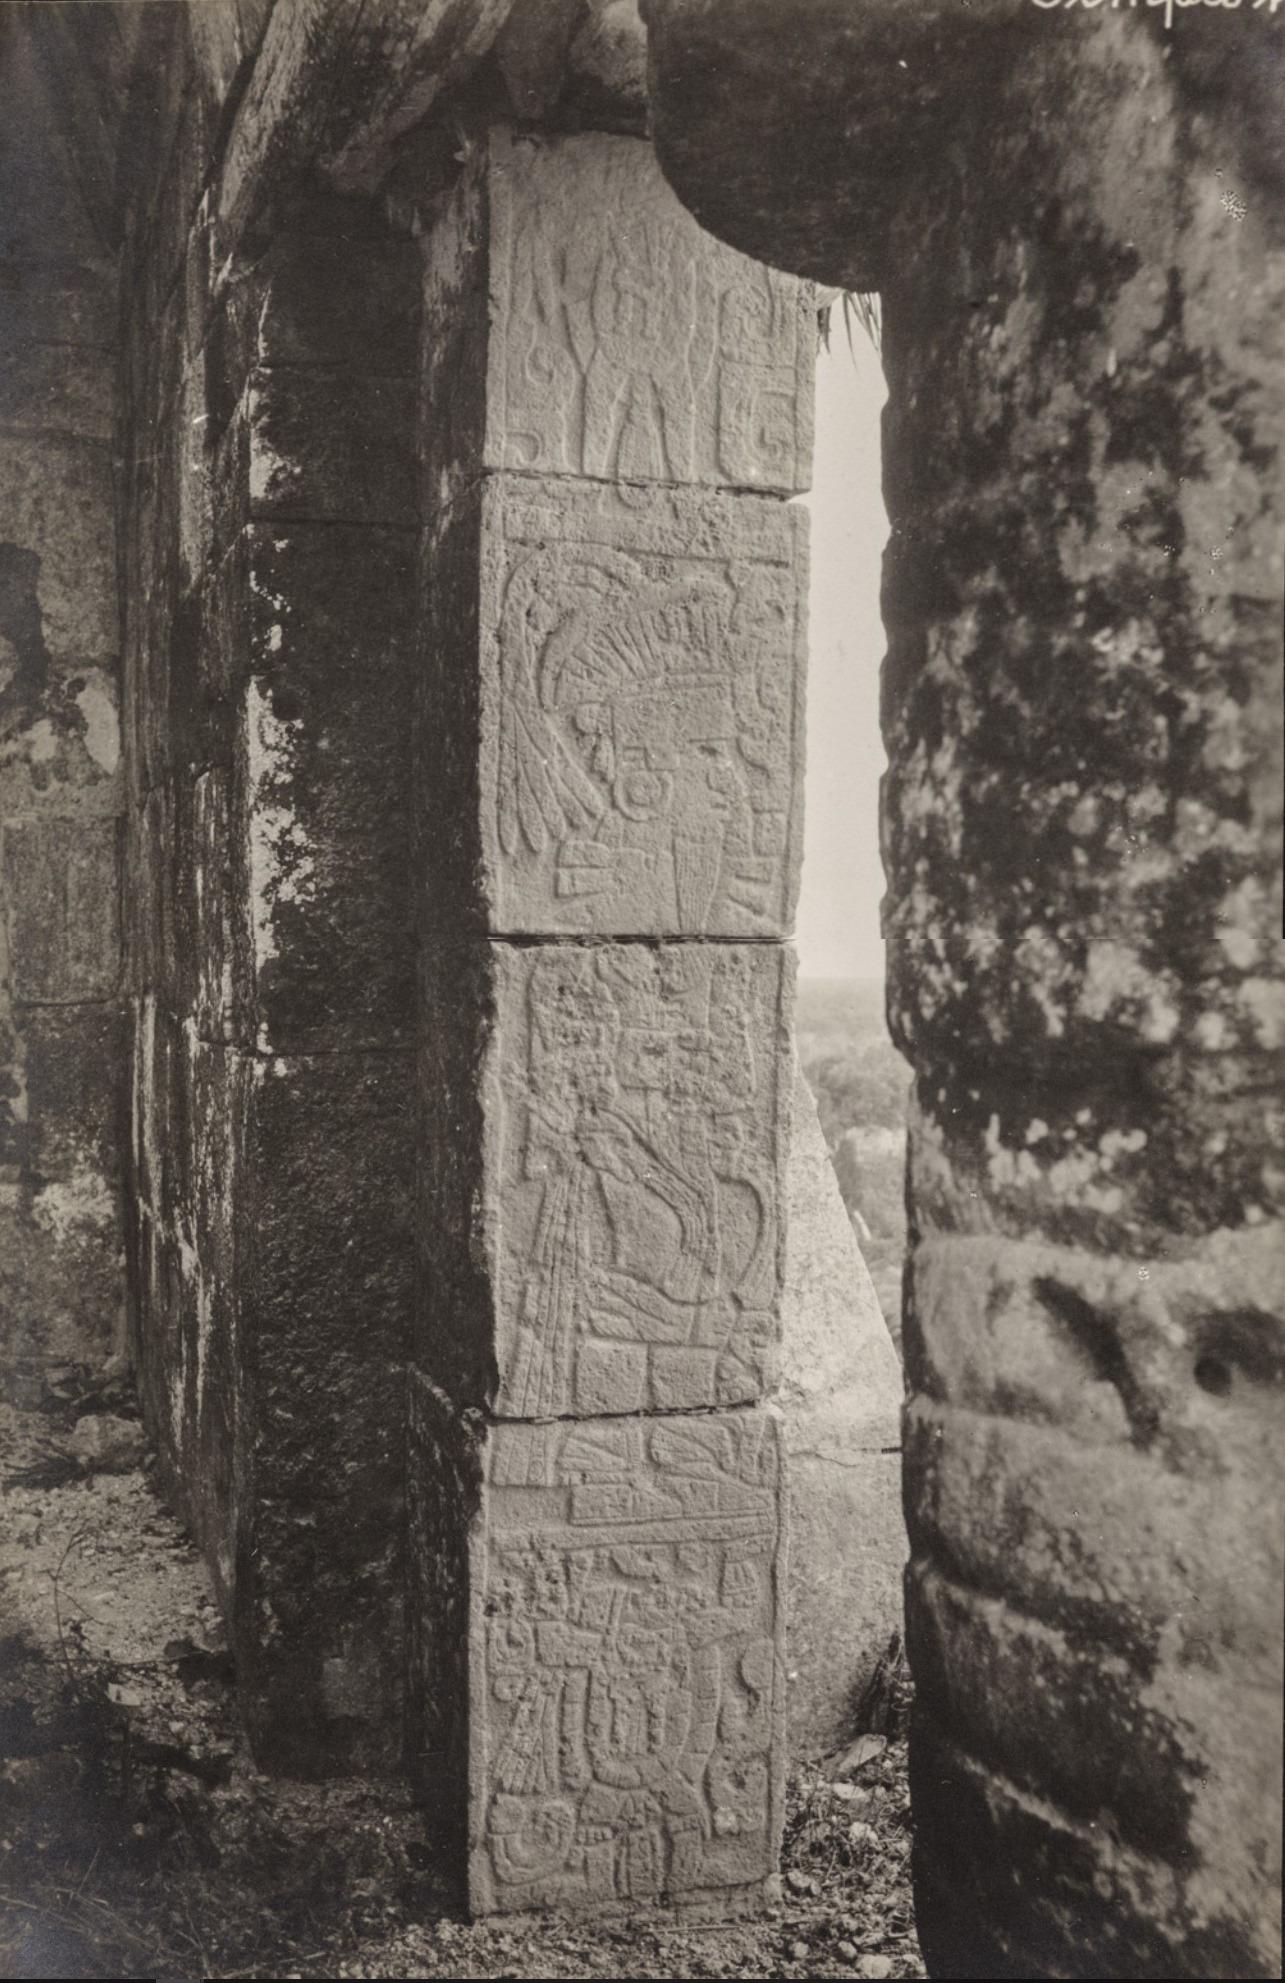 Чичен-Ица. Пирамида Кукулькан. Портальные колонны с рельефами